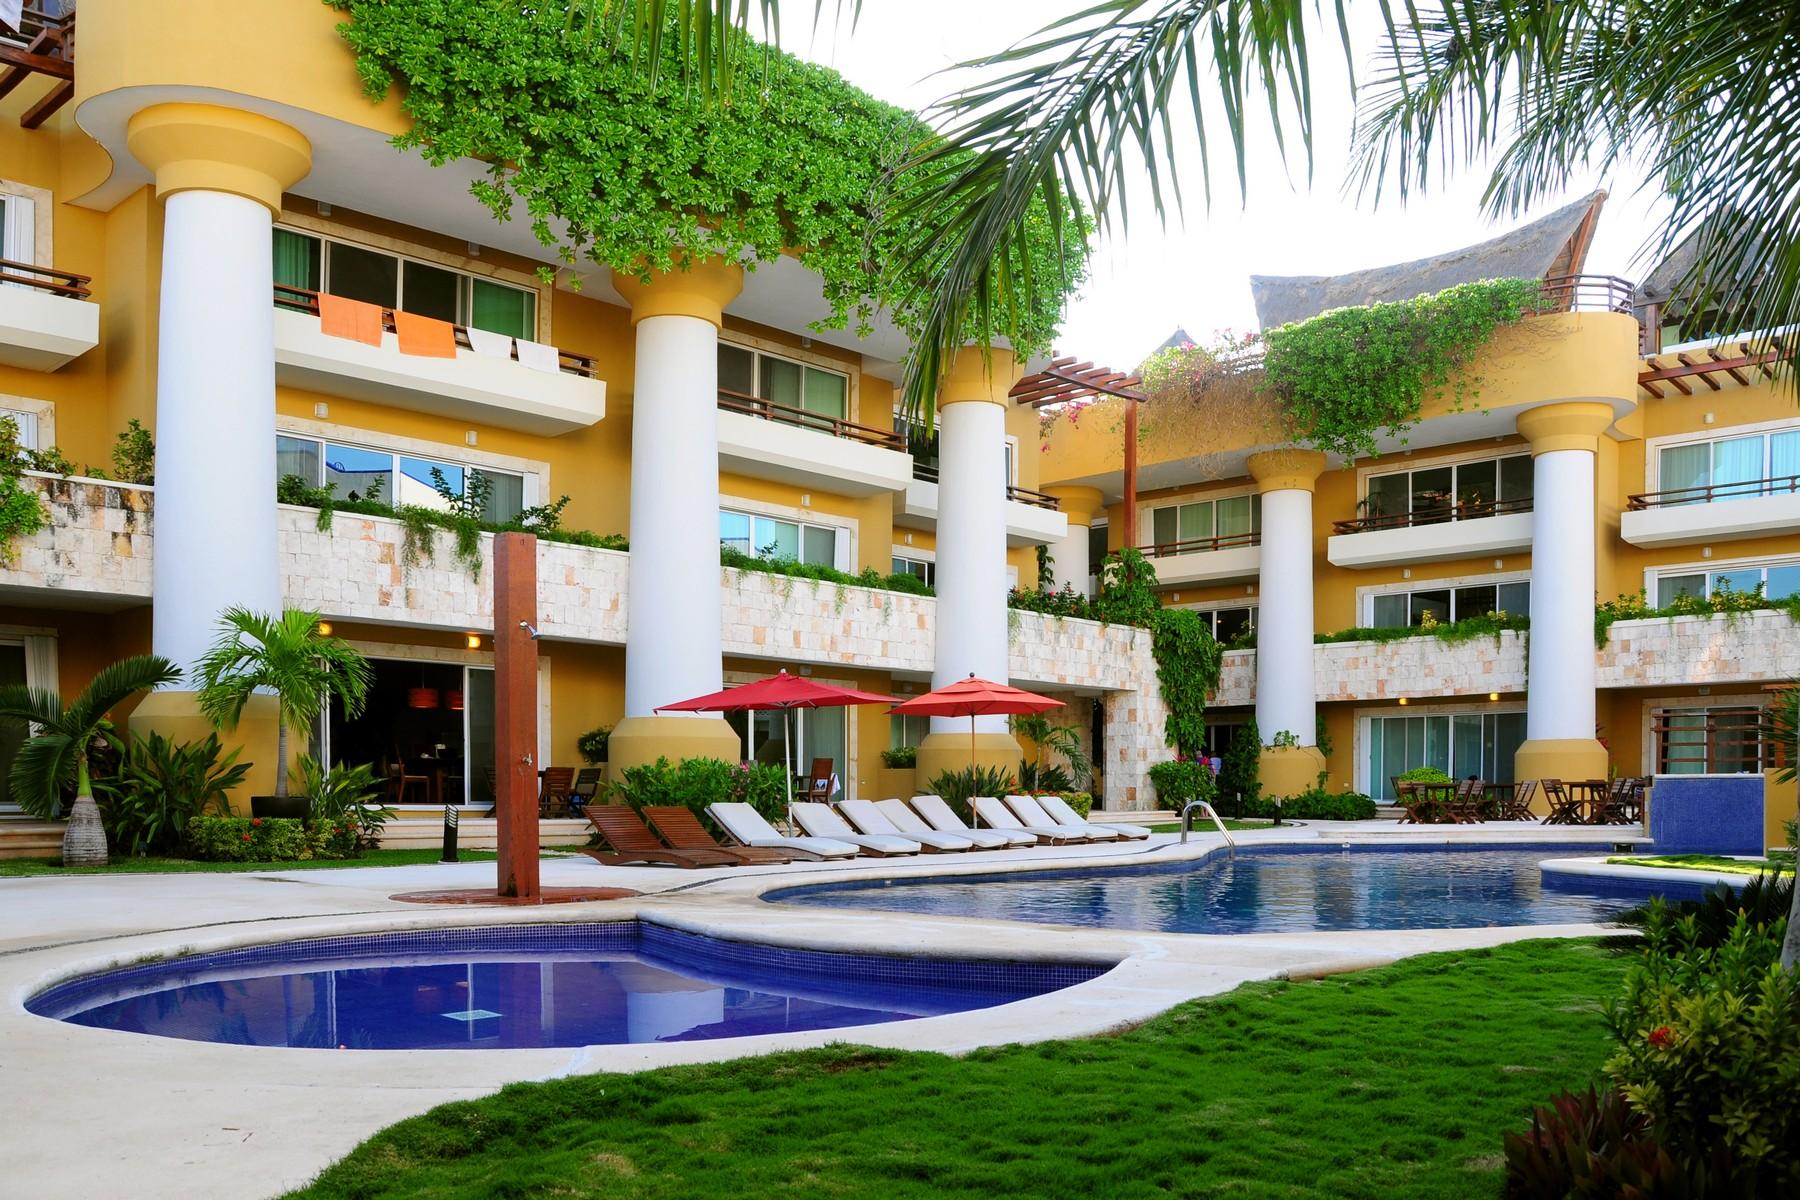 Additional photo for property listing at PUEBLITO ESCONDIDO PRIVILEGED LOCATION Pueblito Escondido privileged location Lote 2 Mza 8 SM 0, calle treinta y ocho norte Playa Del Carmen, Quintana Roo 77710 Mexico